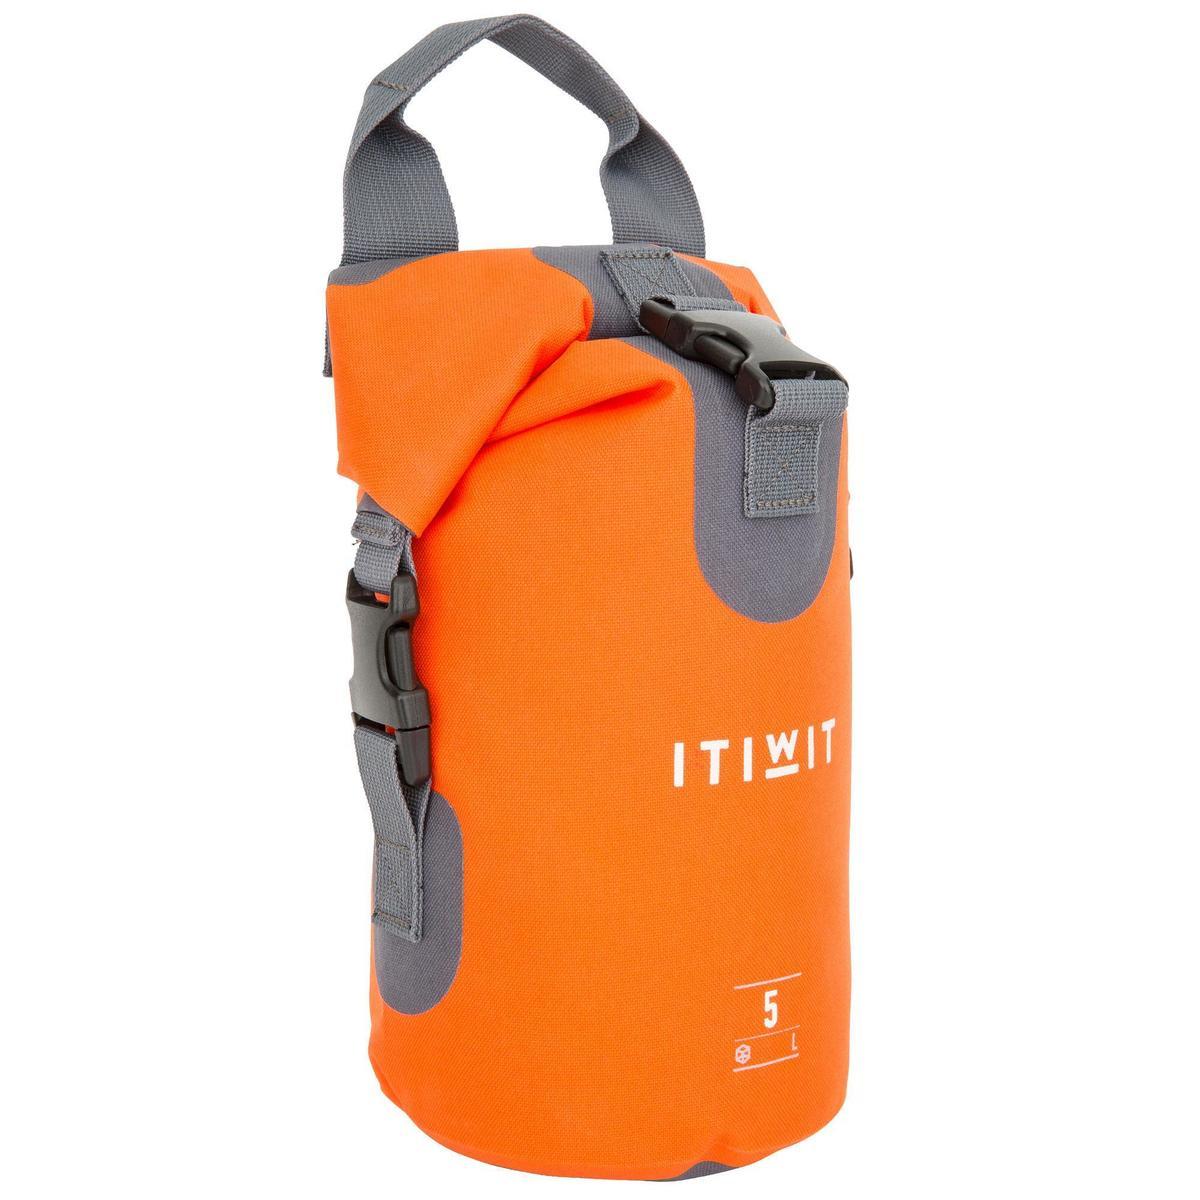 Bild 1 von Wasserfeste Tasche 5 l orange ohne Umhängegurt